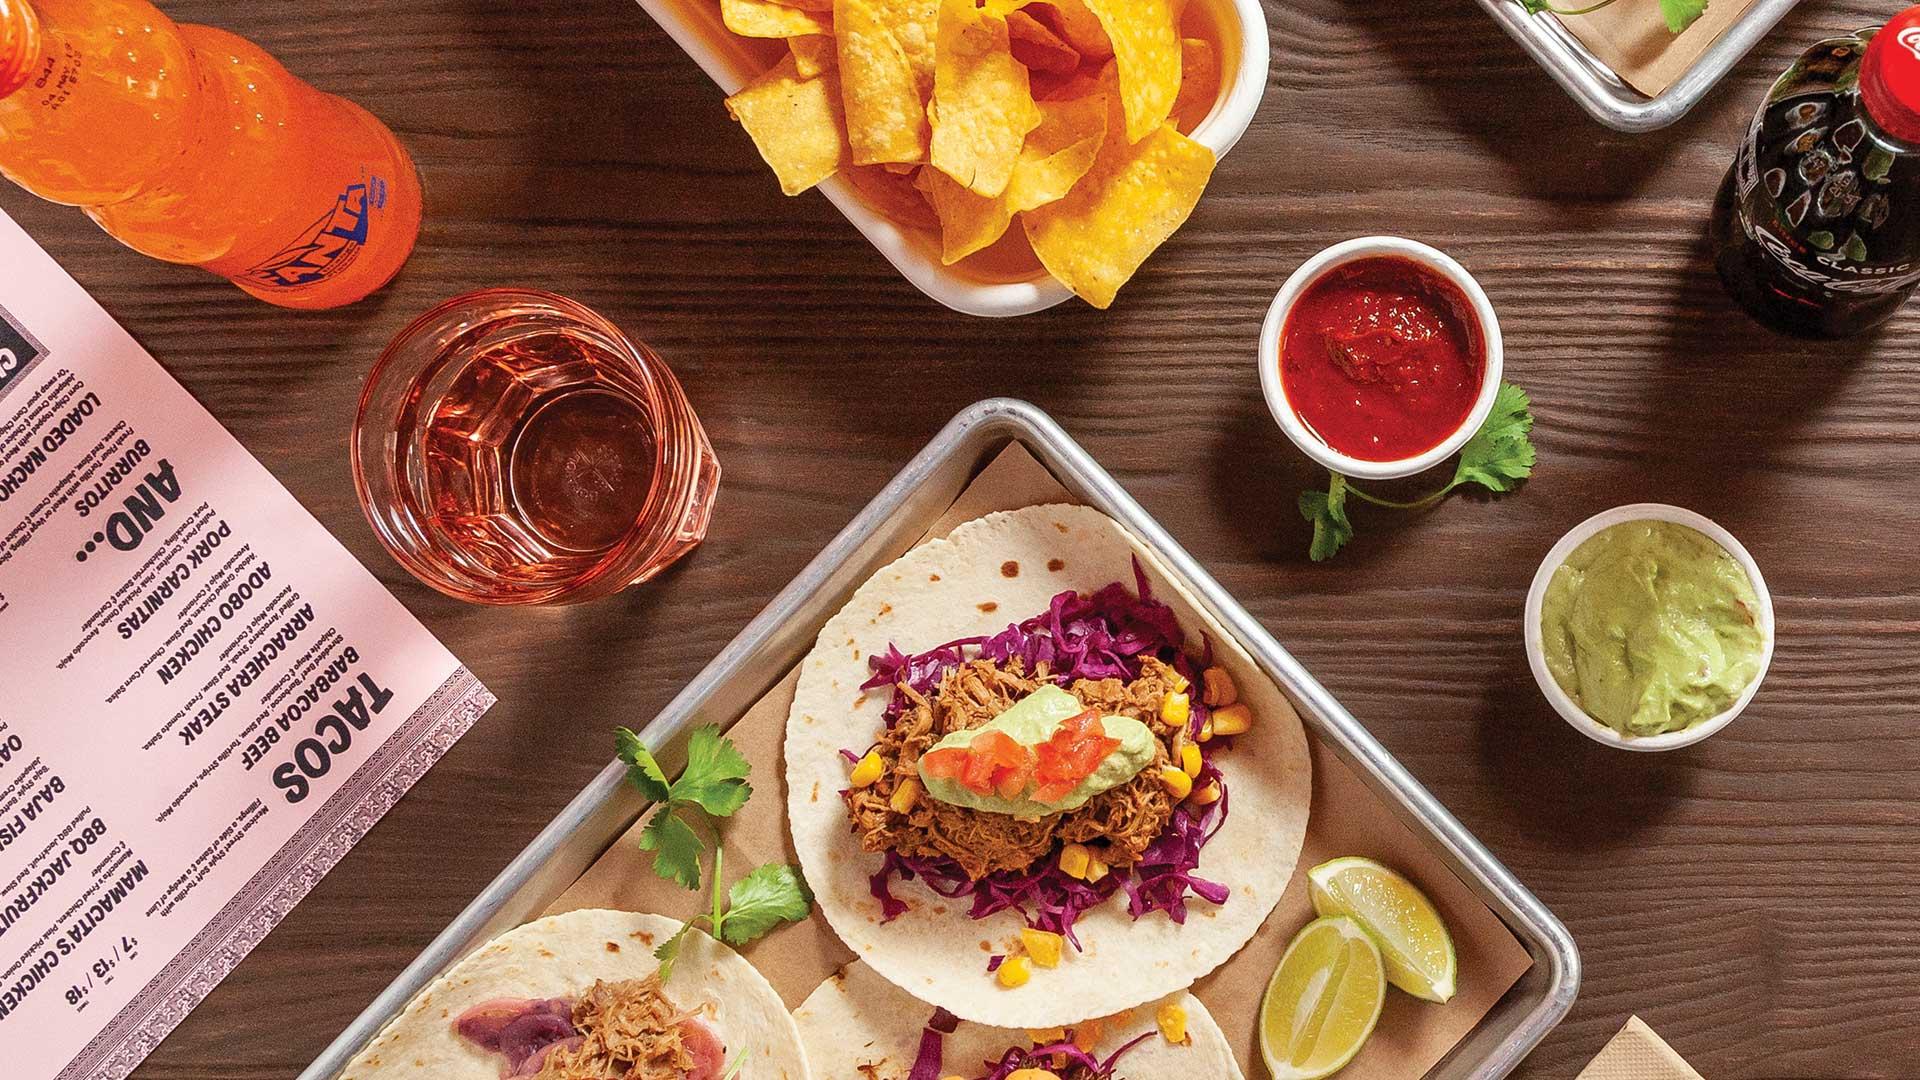 Mamacita Taqueria Food Photography